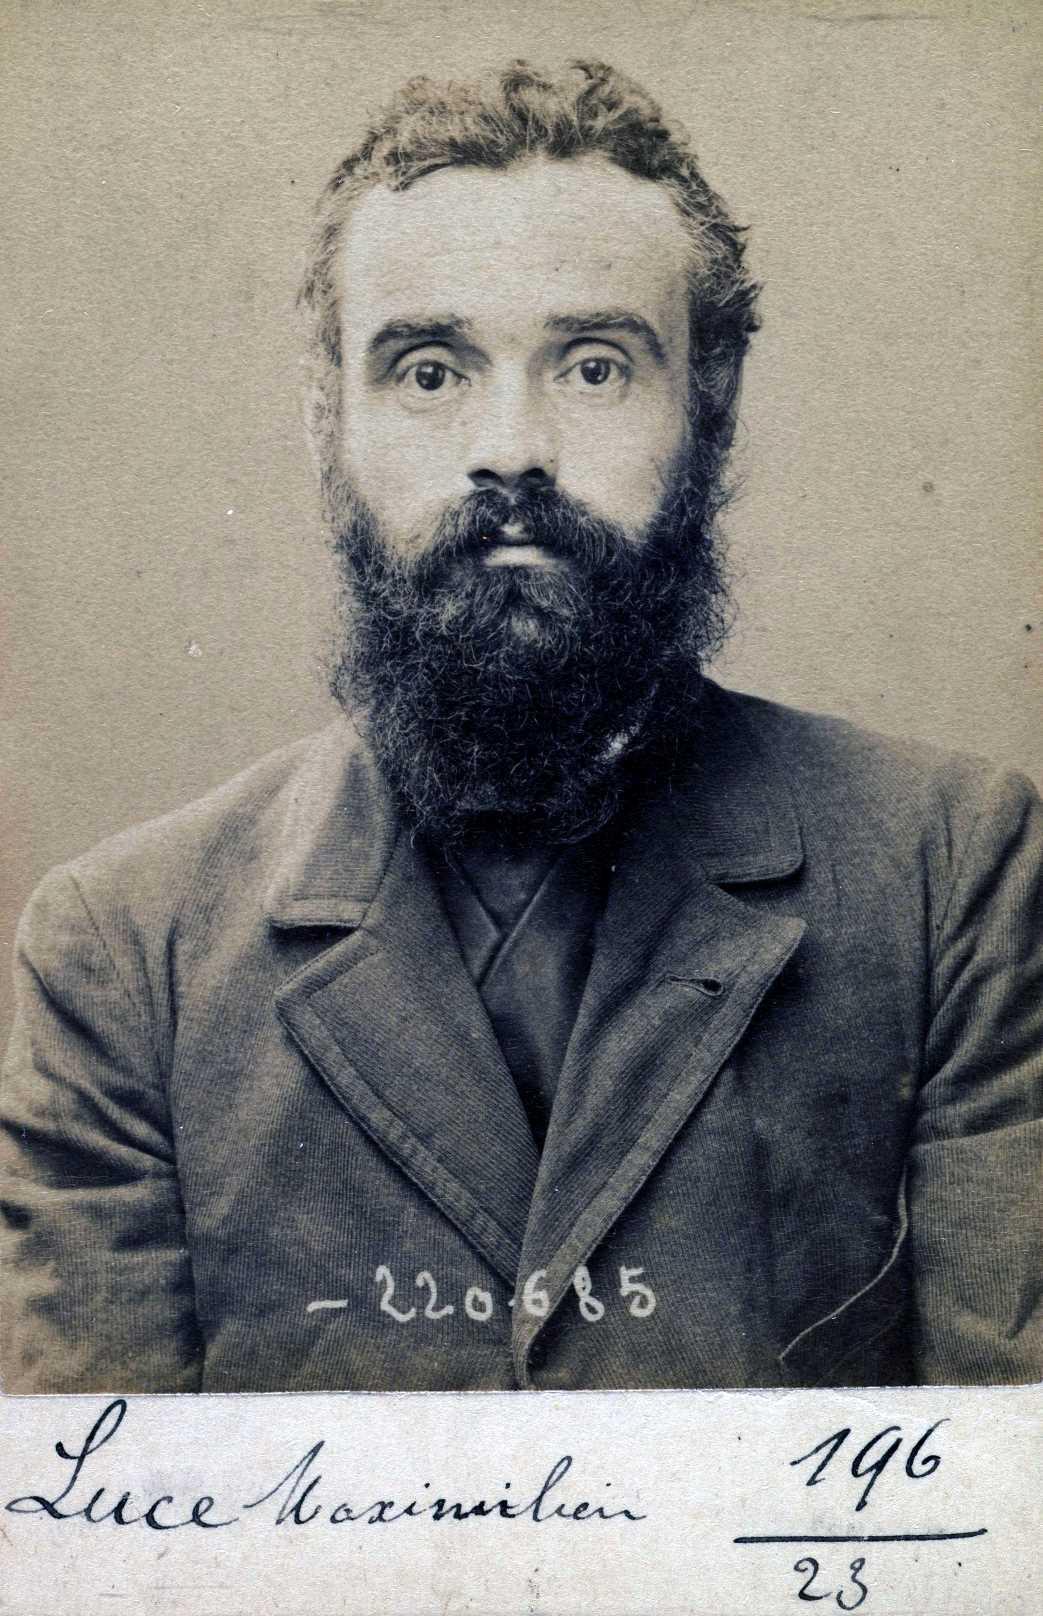 Foto policíaca de Maximilien Luce (6 de juliol de 1894)